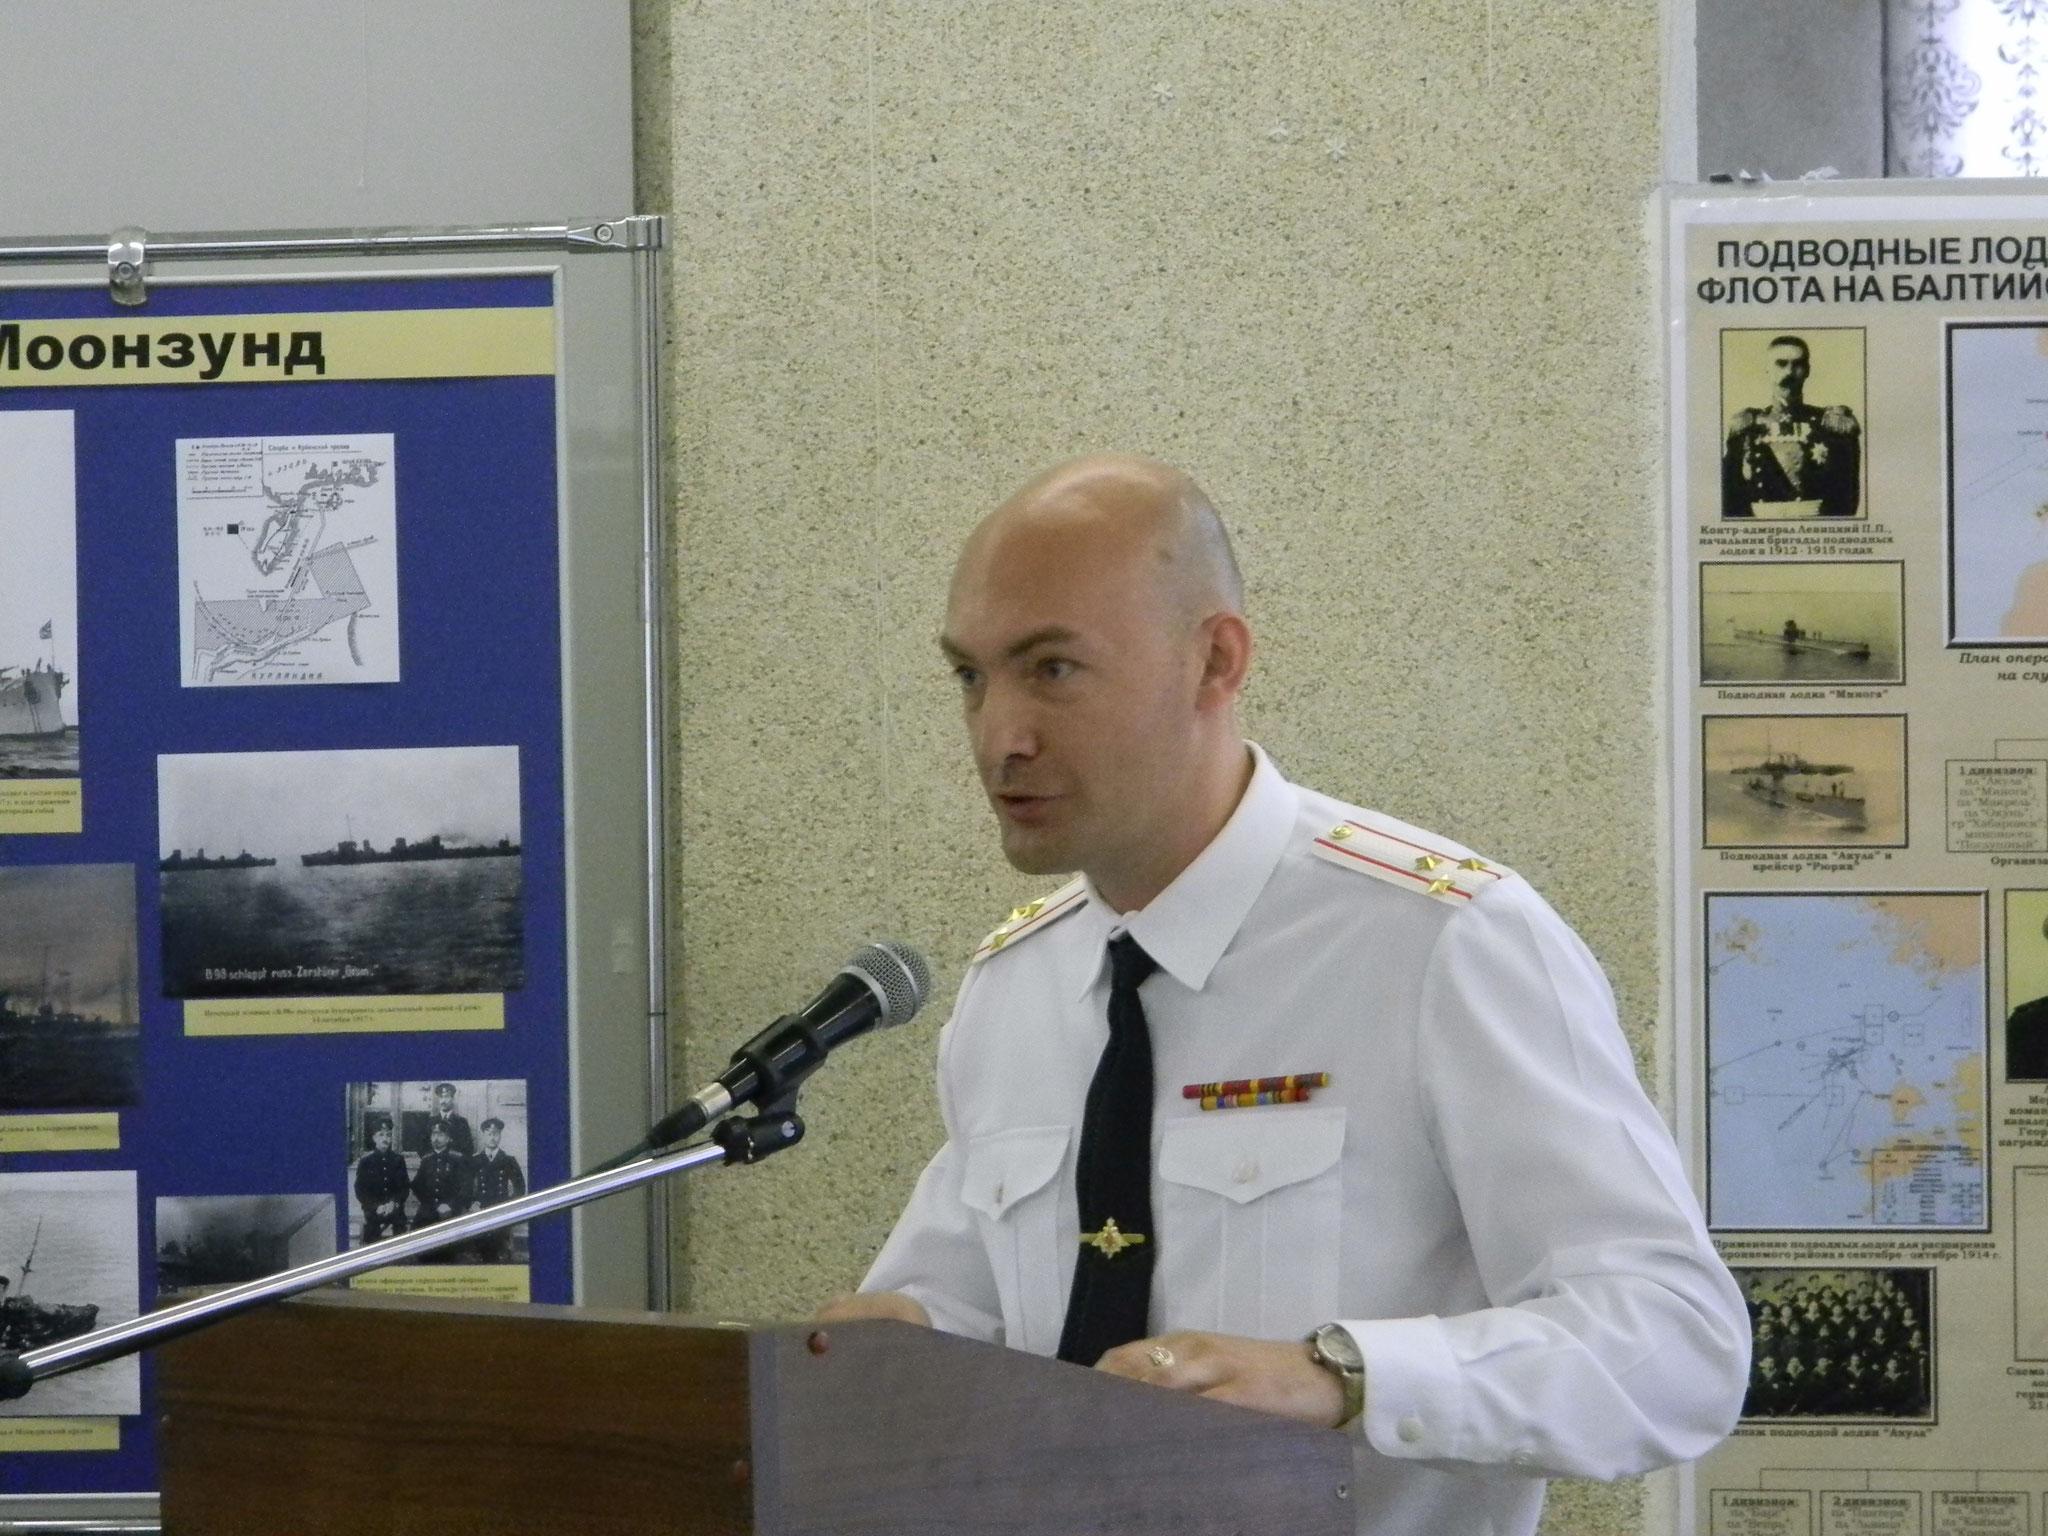 Международная научная конференция, Калининград, 2013 г.